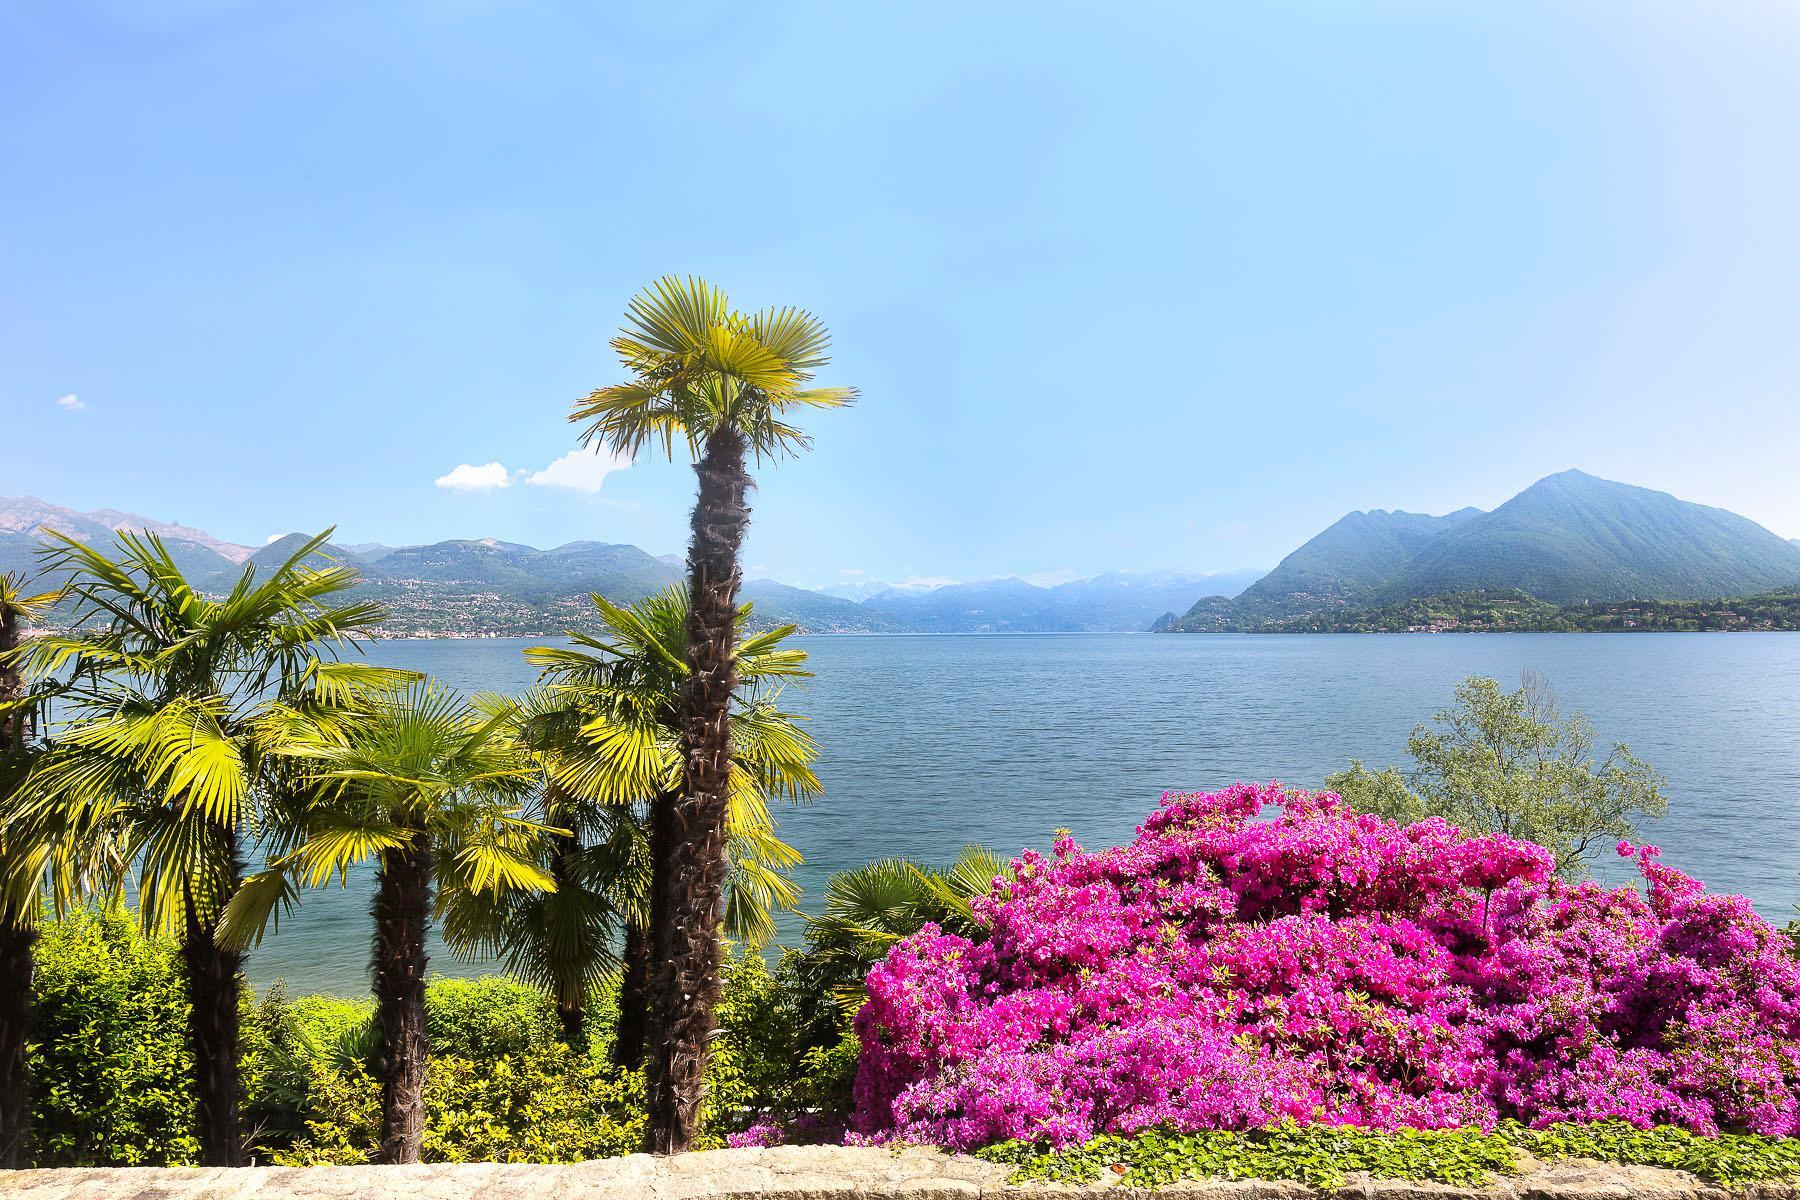 Stresa小镇具有现代化风格的迷人别墅 - 4